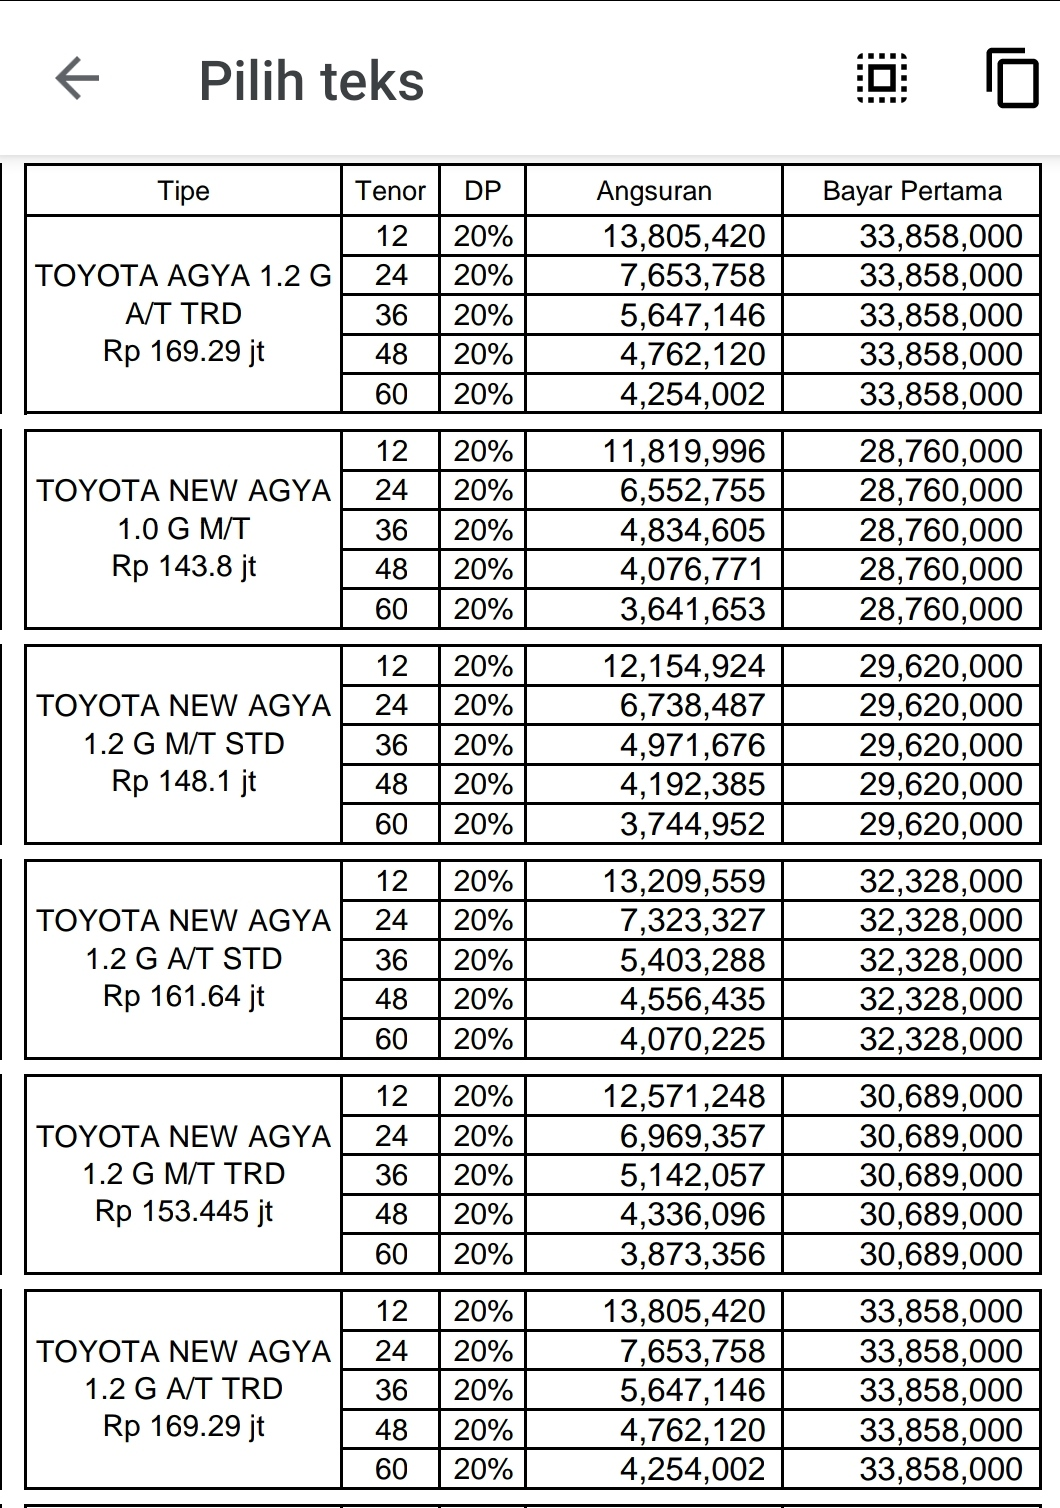 Cari mobil bekas dijual dengan harga terbaik. Daftar Harga Kredit Toyota Agya baru 2021 Cikarang Bekasi